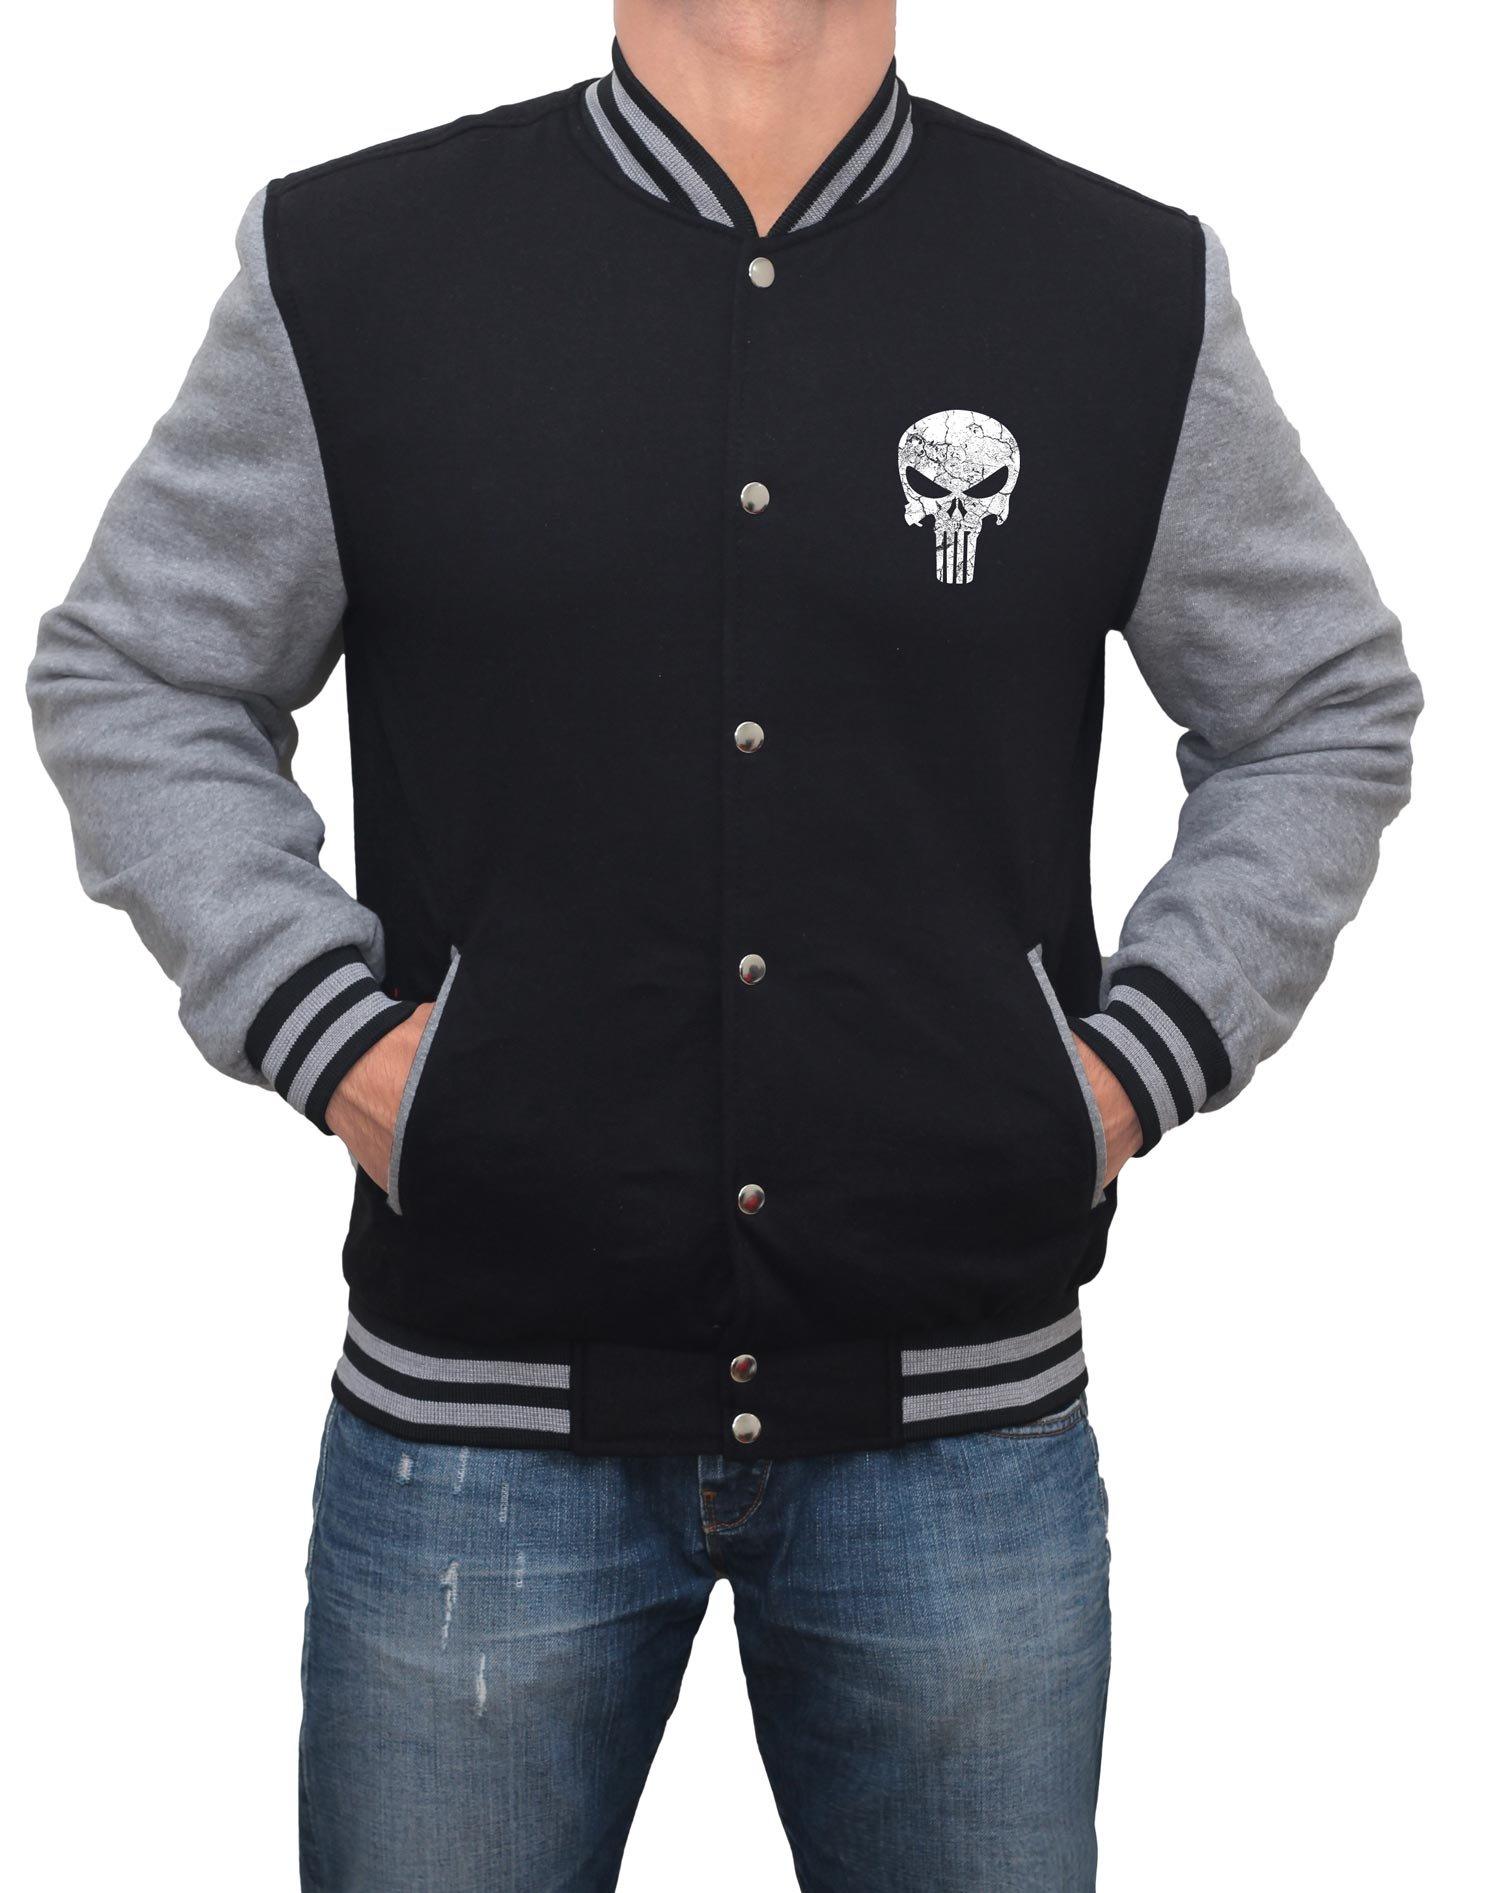 Decrum Punisher Skull Varsity Jacket - Mens Varsity Jacket | XL by Decrum